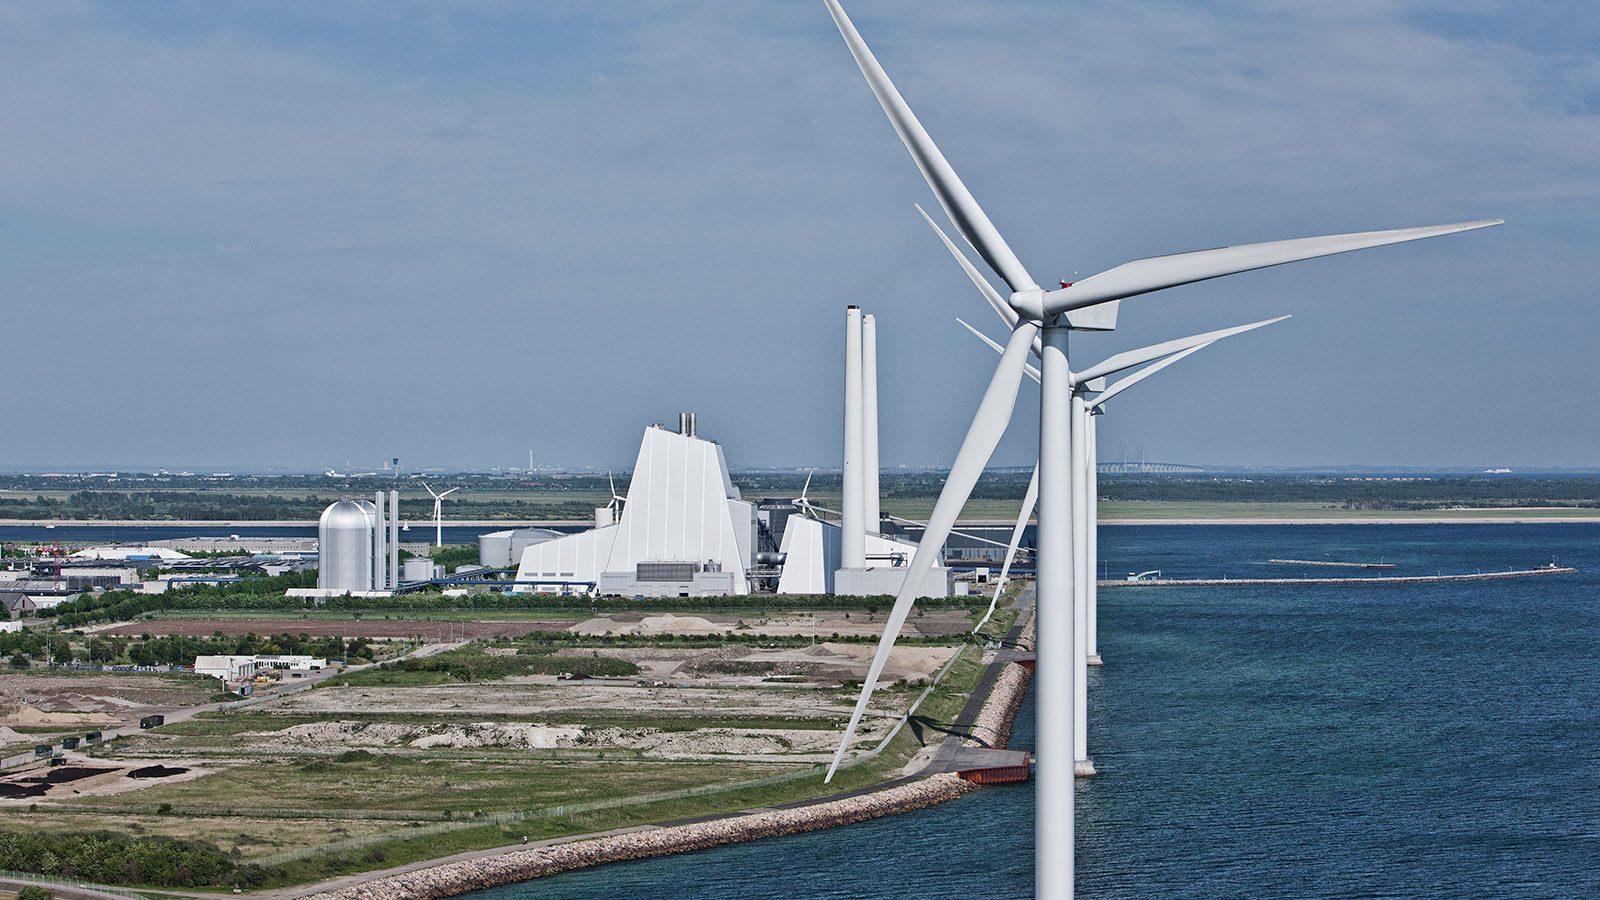 Avedøreværket er et kraftvarmeværk, der ligger syd for København. Foto: DONG Energy A/S.